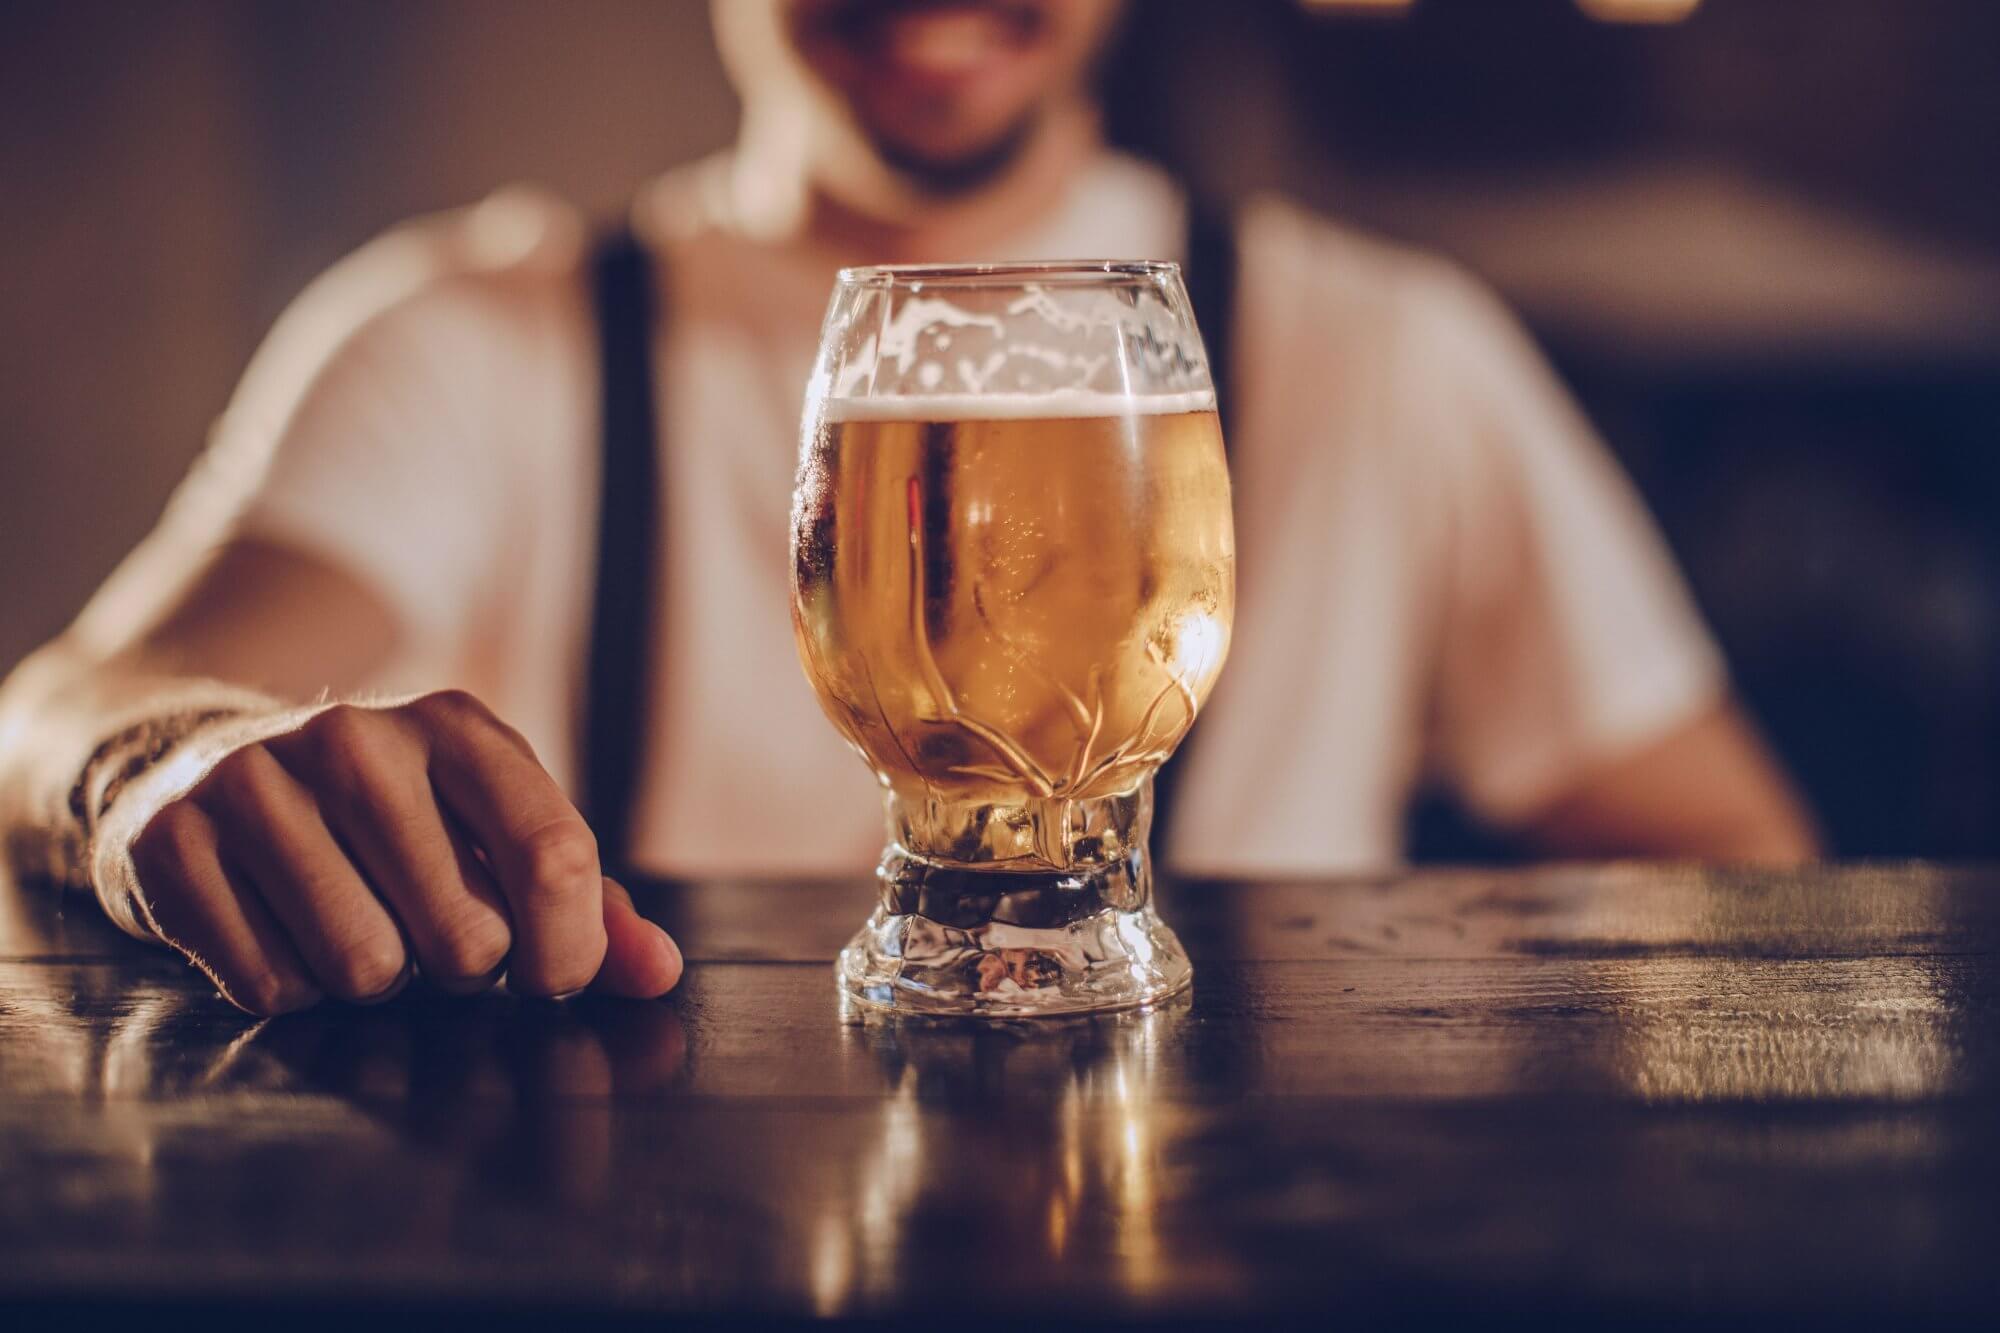 Испанцы стали крупнейшими потребителями безалкогольного пива